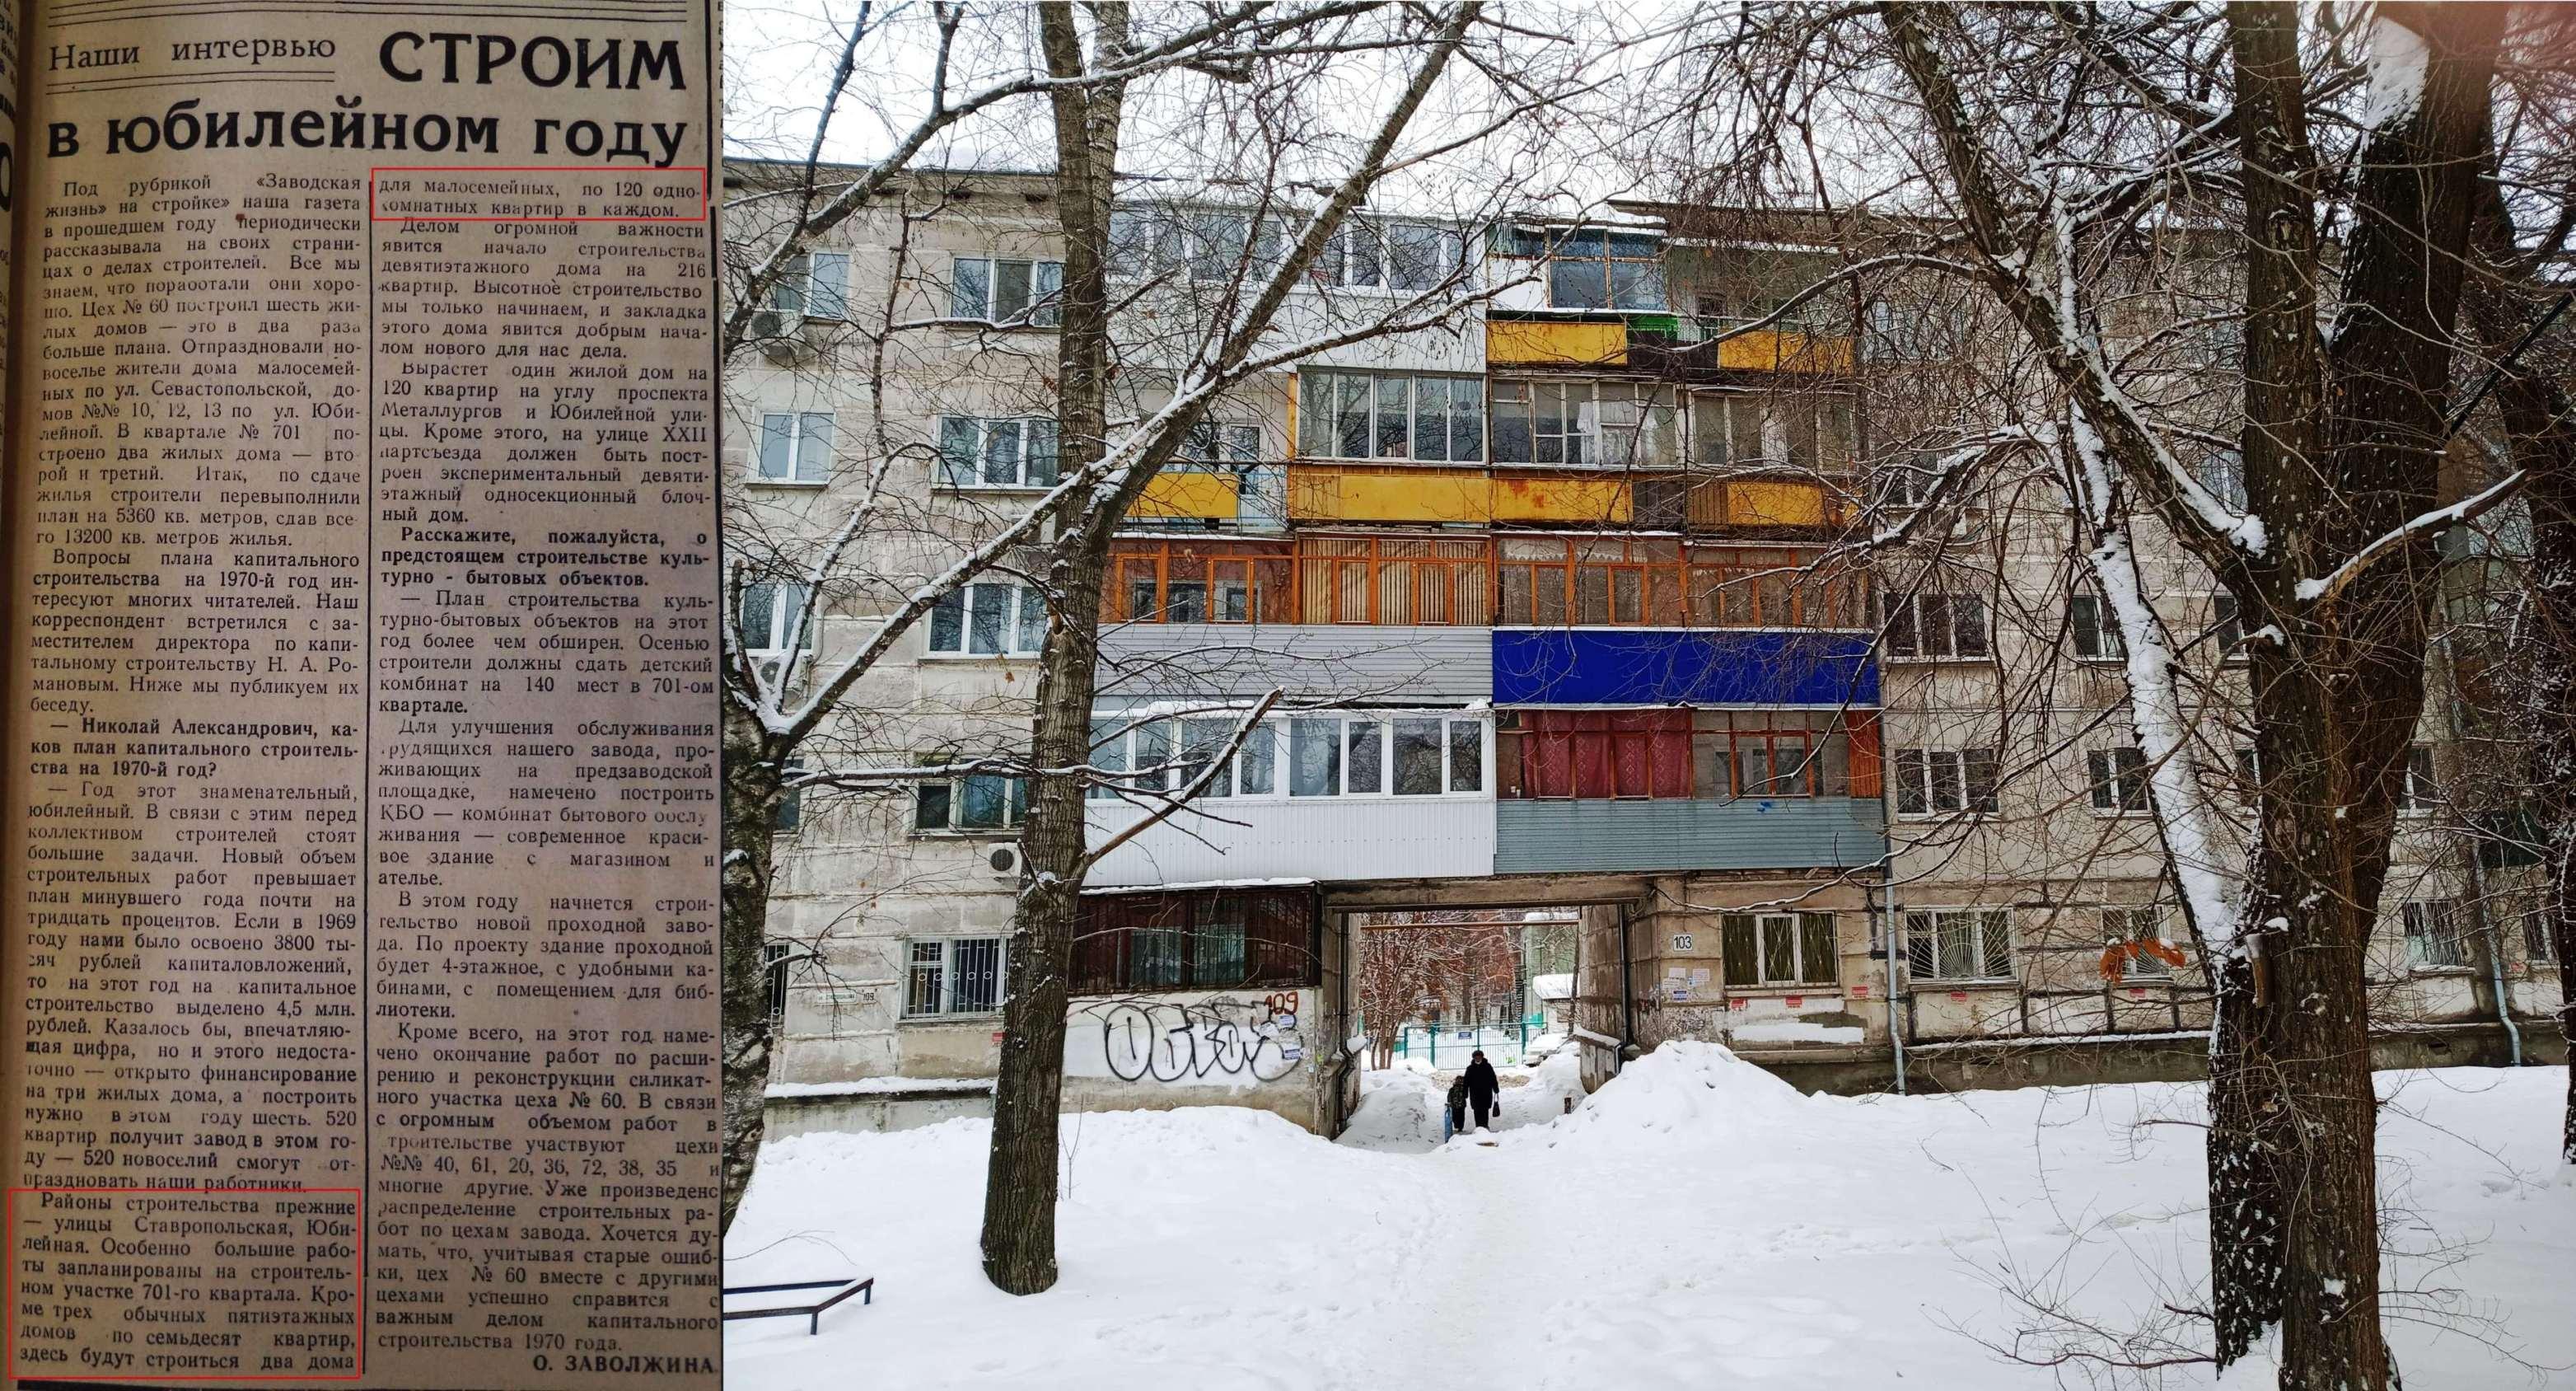 Ставропольская-ФОТО-58-Заводская жизнь-1970-17 февраля-min